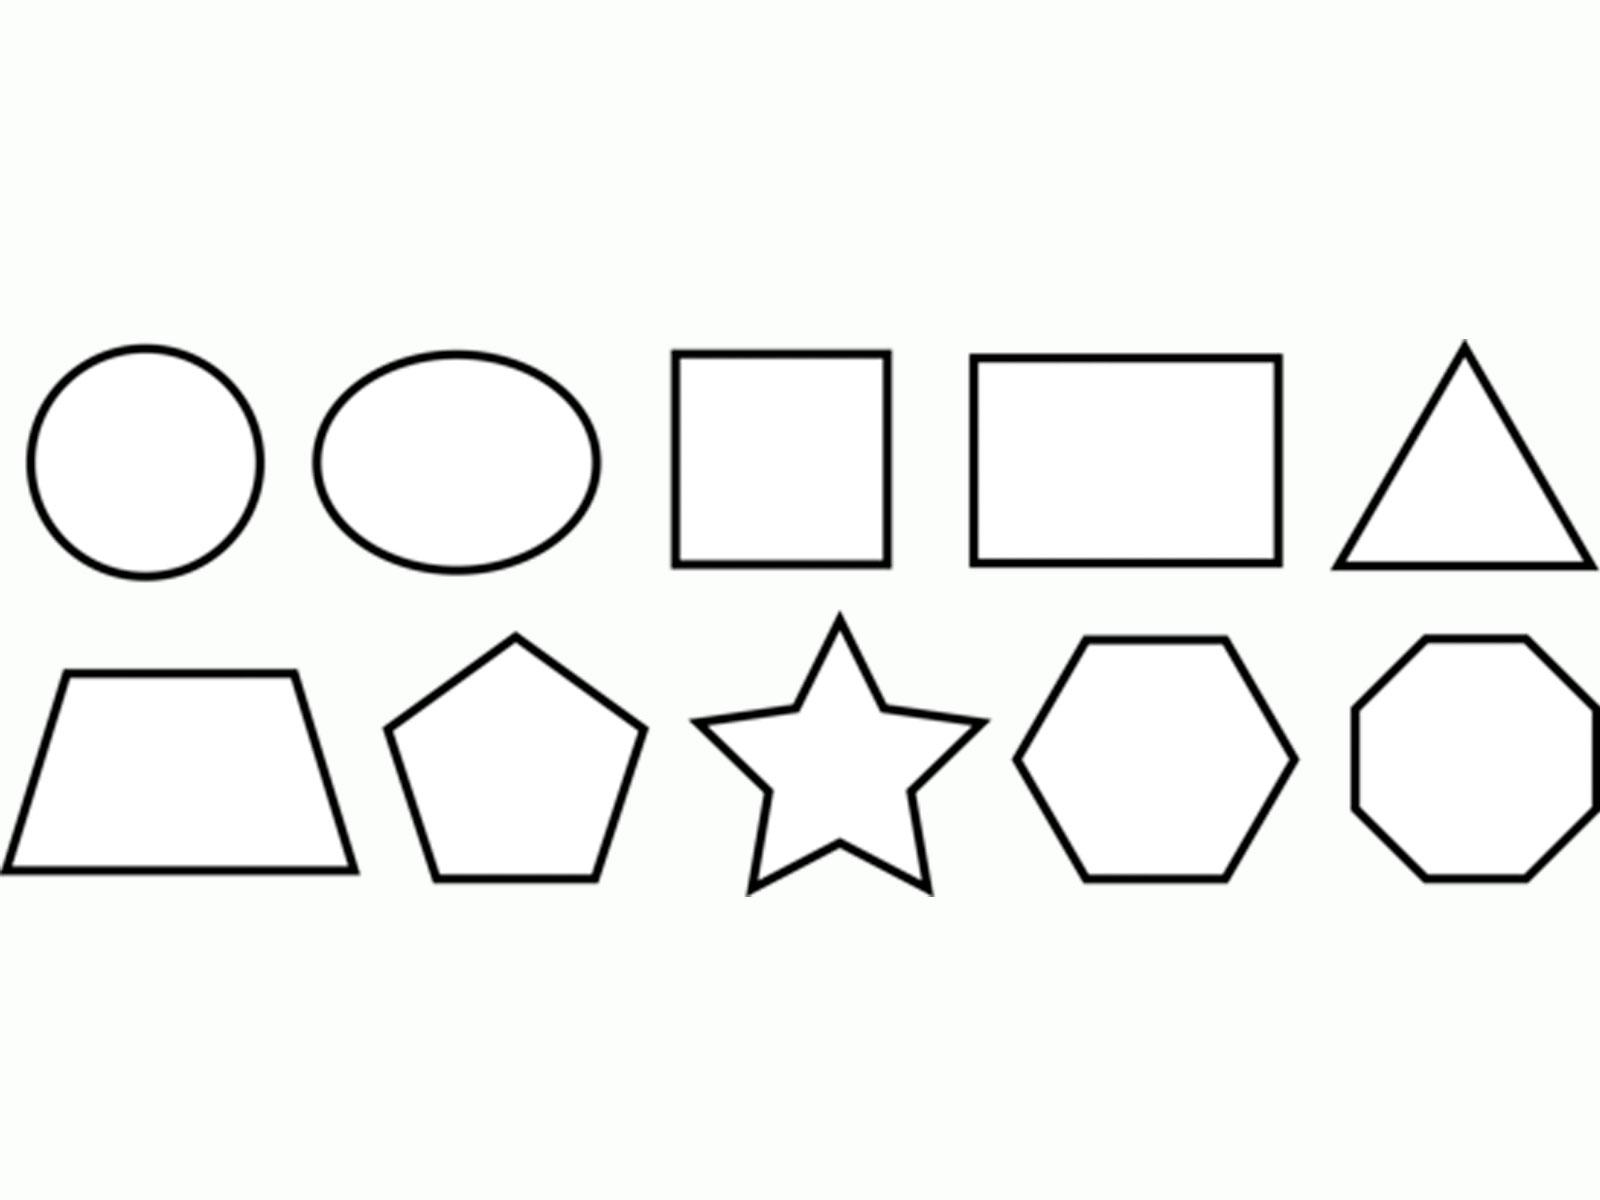 Схемы вырезания из бумаги геометрических фигур